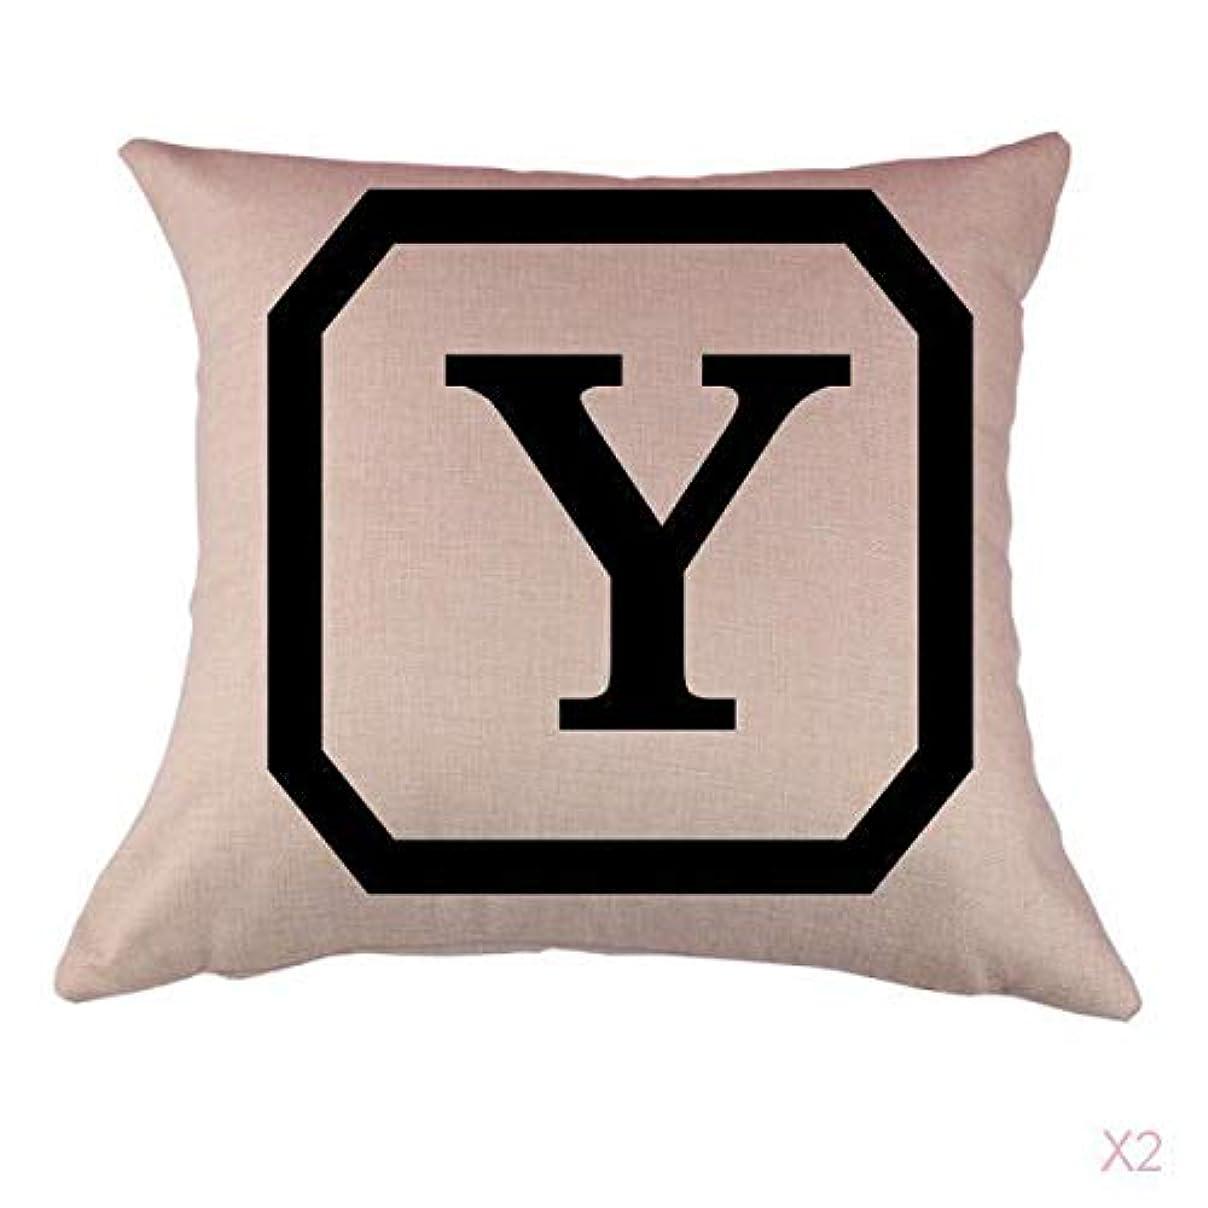 アルミニウム支出もっと少なくコットンリネンスロー枕カバークッションカバー家の装飾頭文字のy